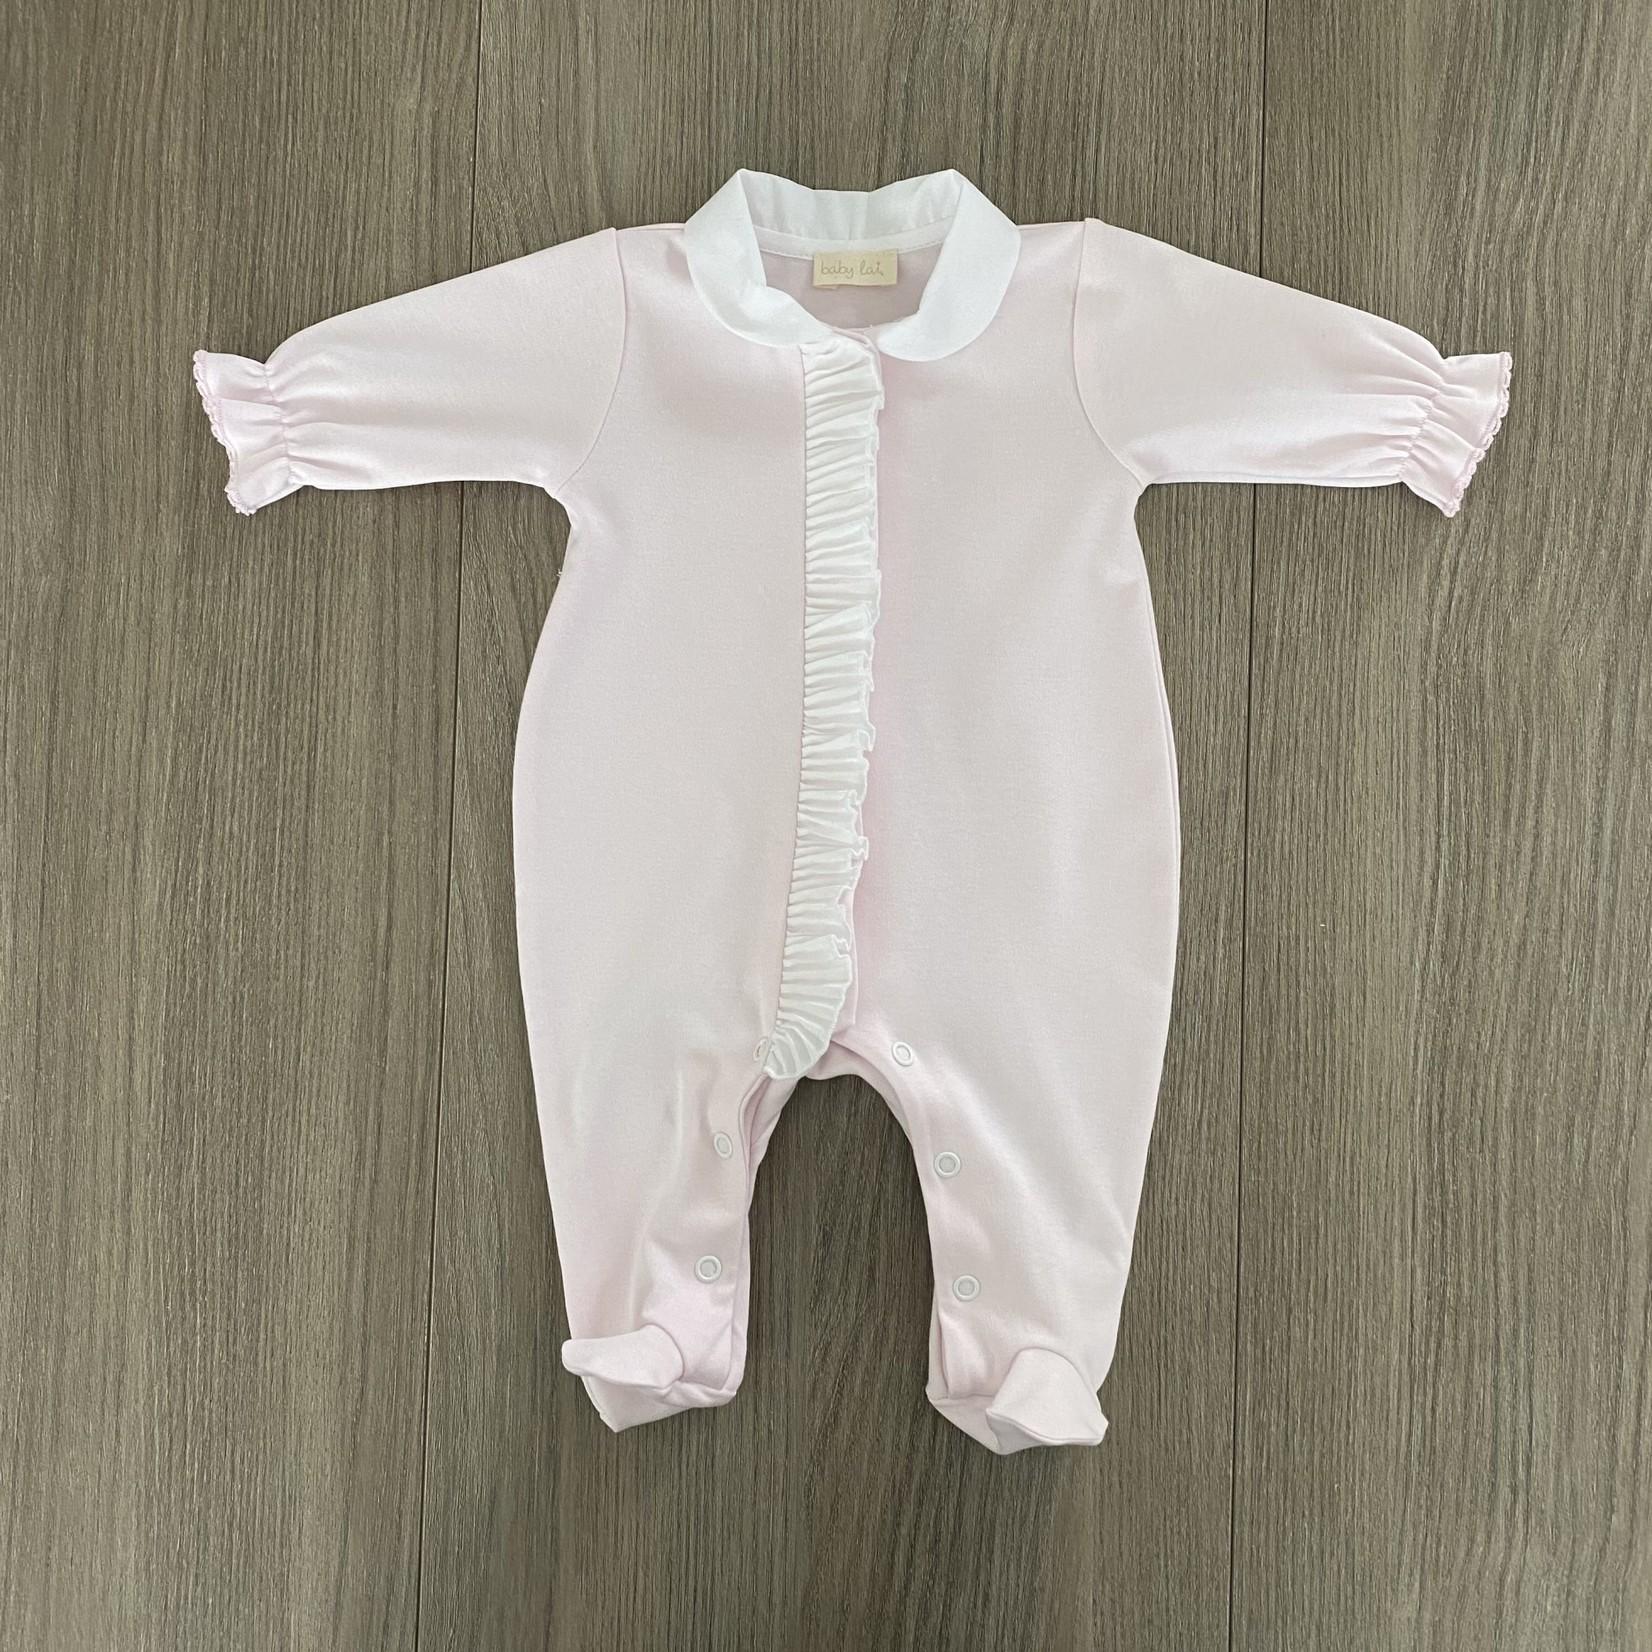 Laivicar Newborn Bibi - Laivicar